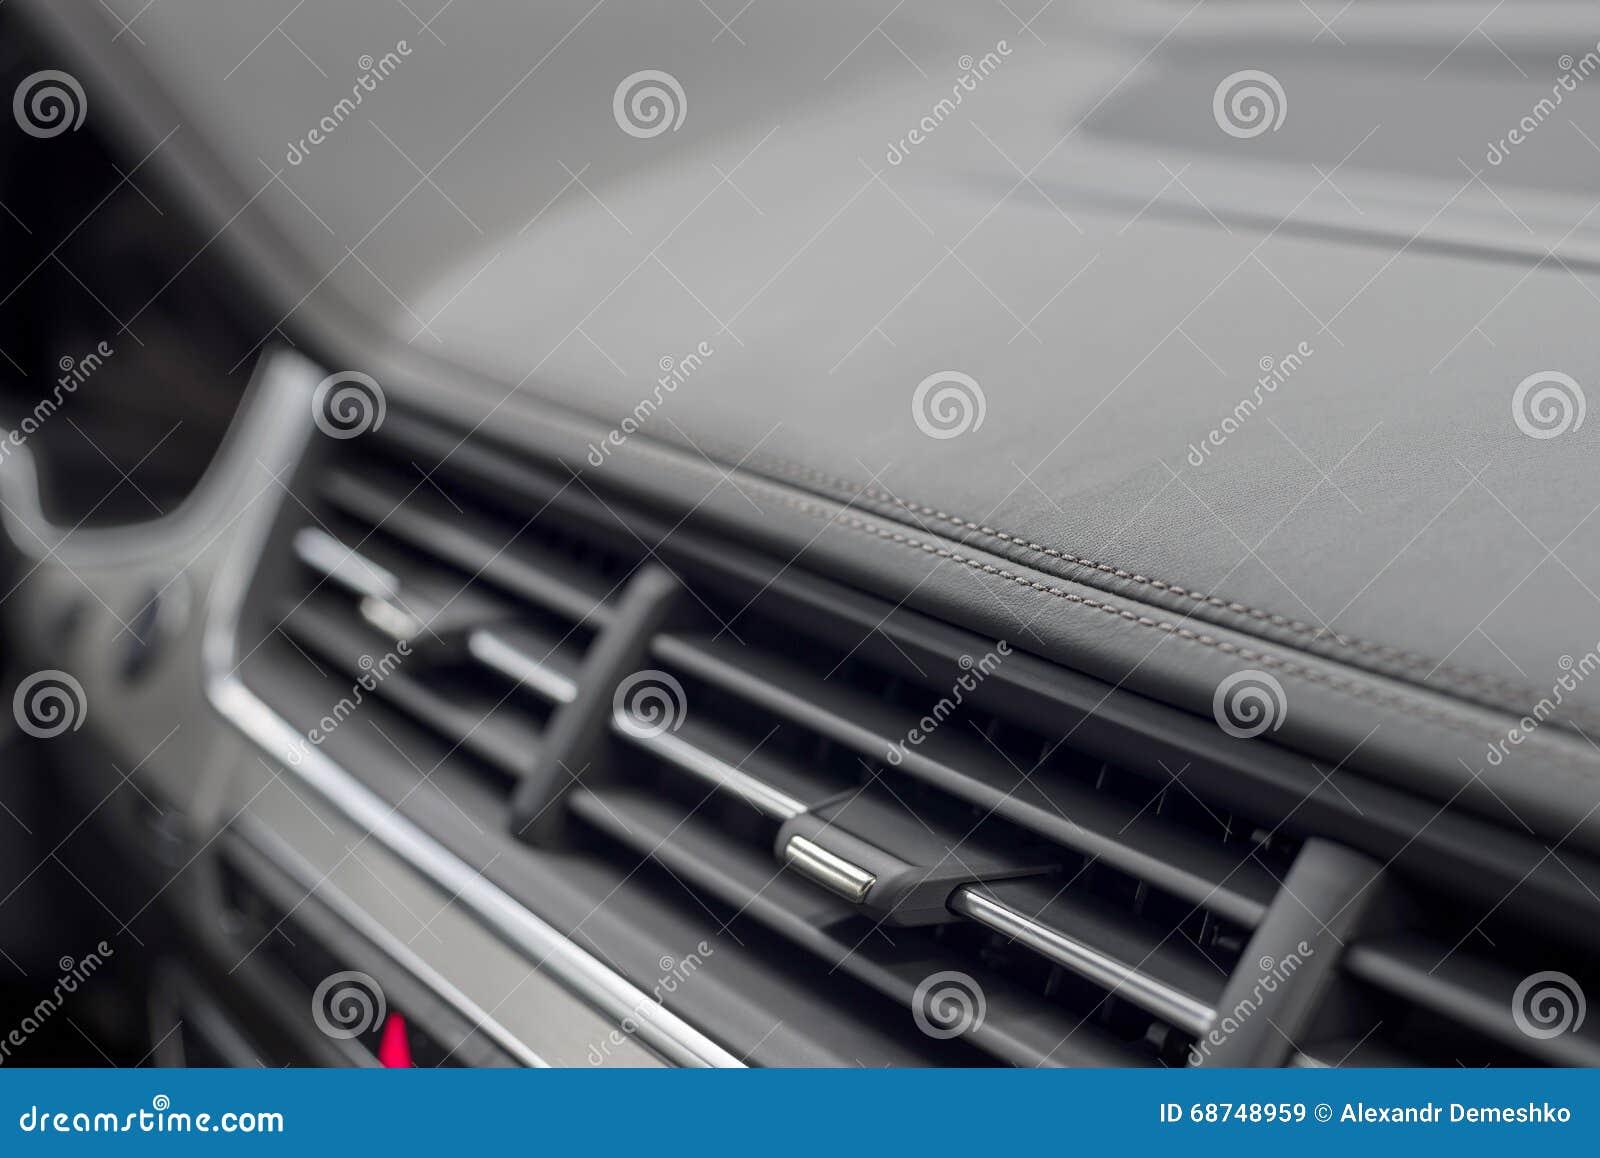 Car dashboard detail.